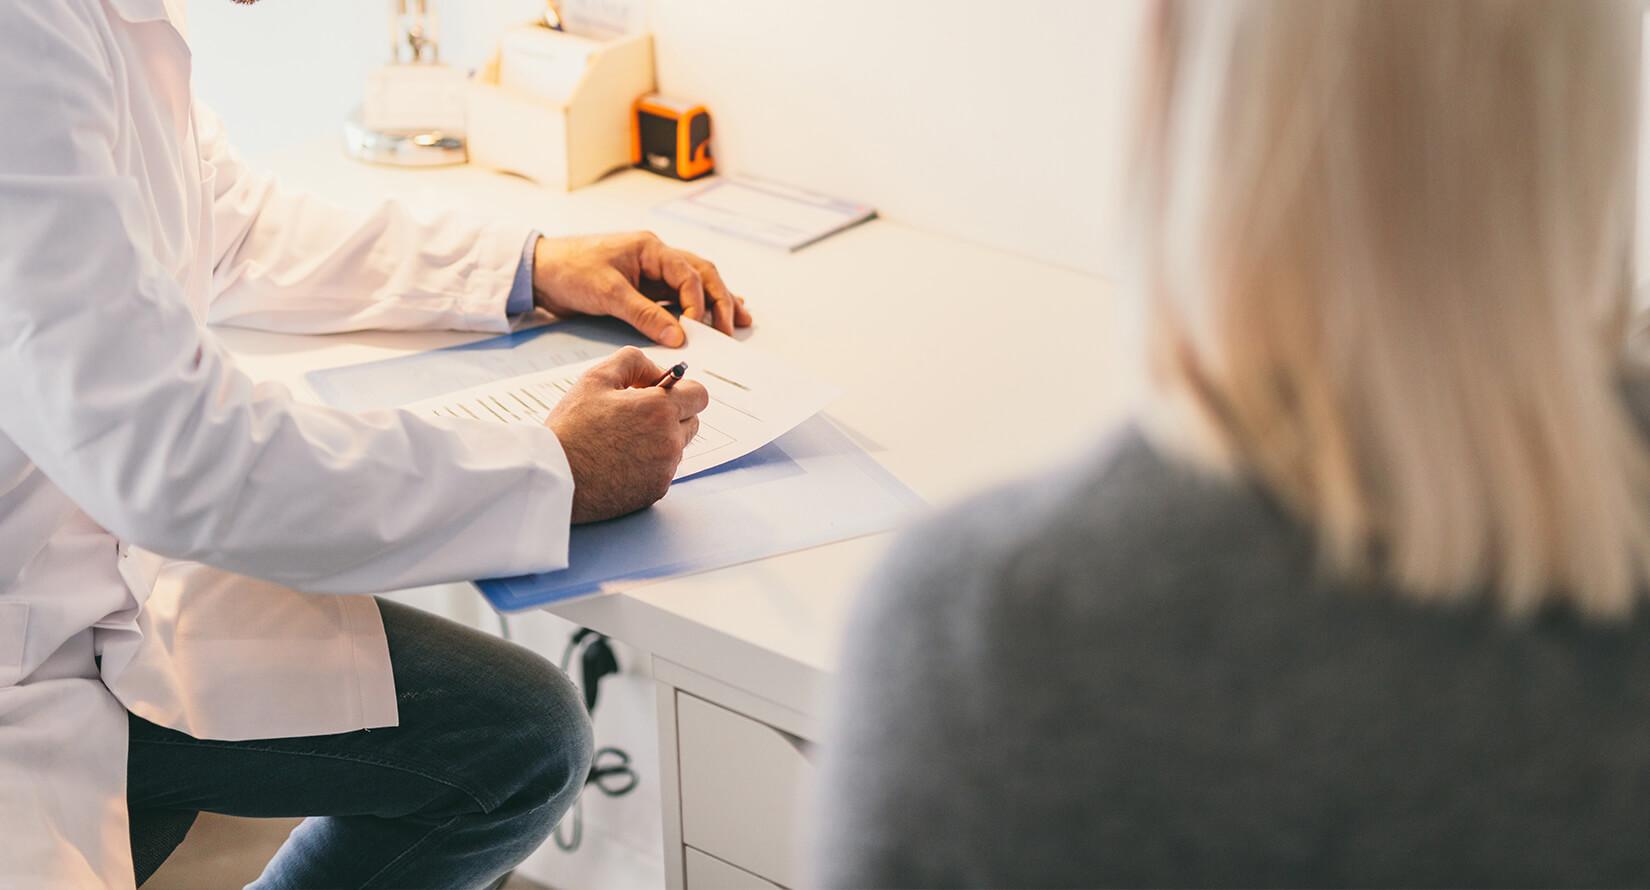 ייעוץ רפואי